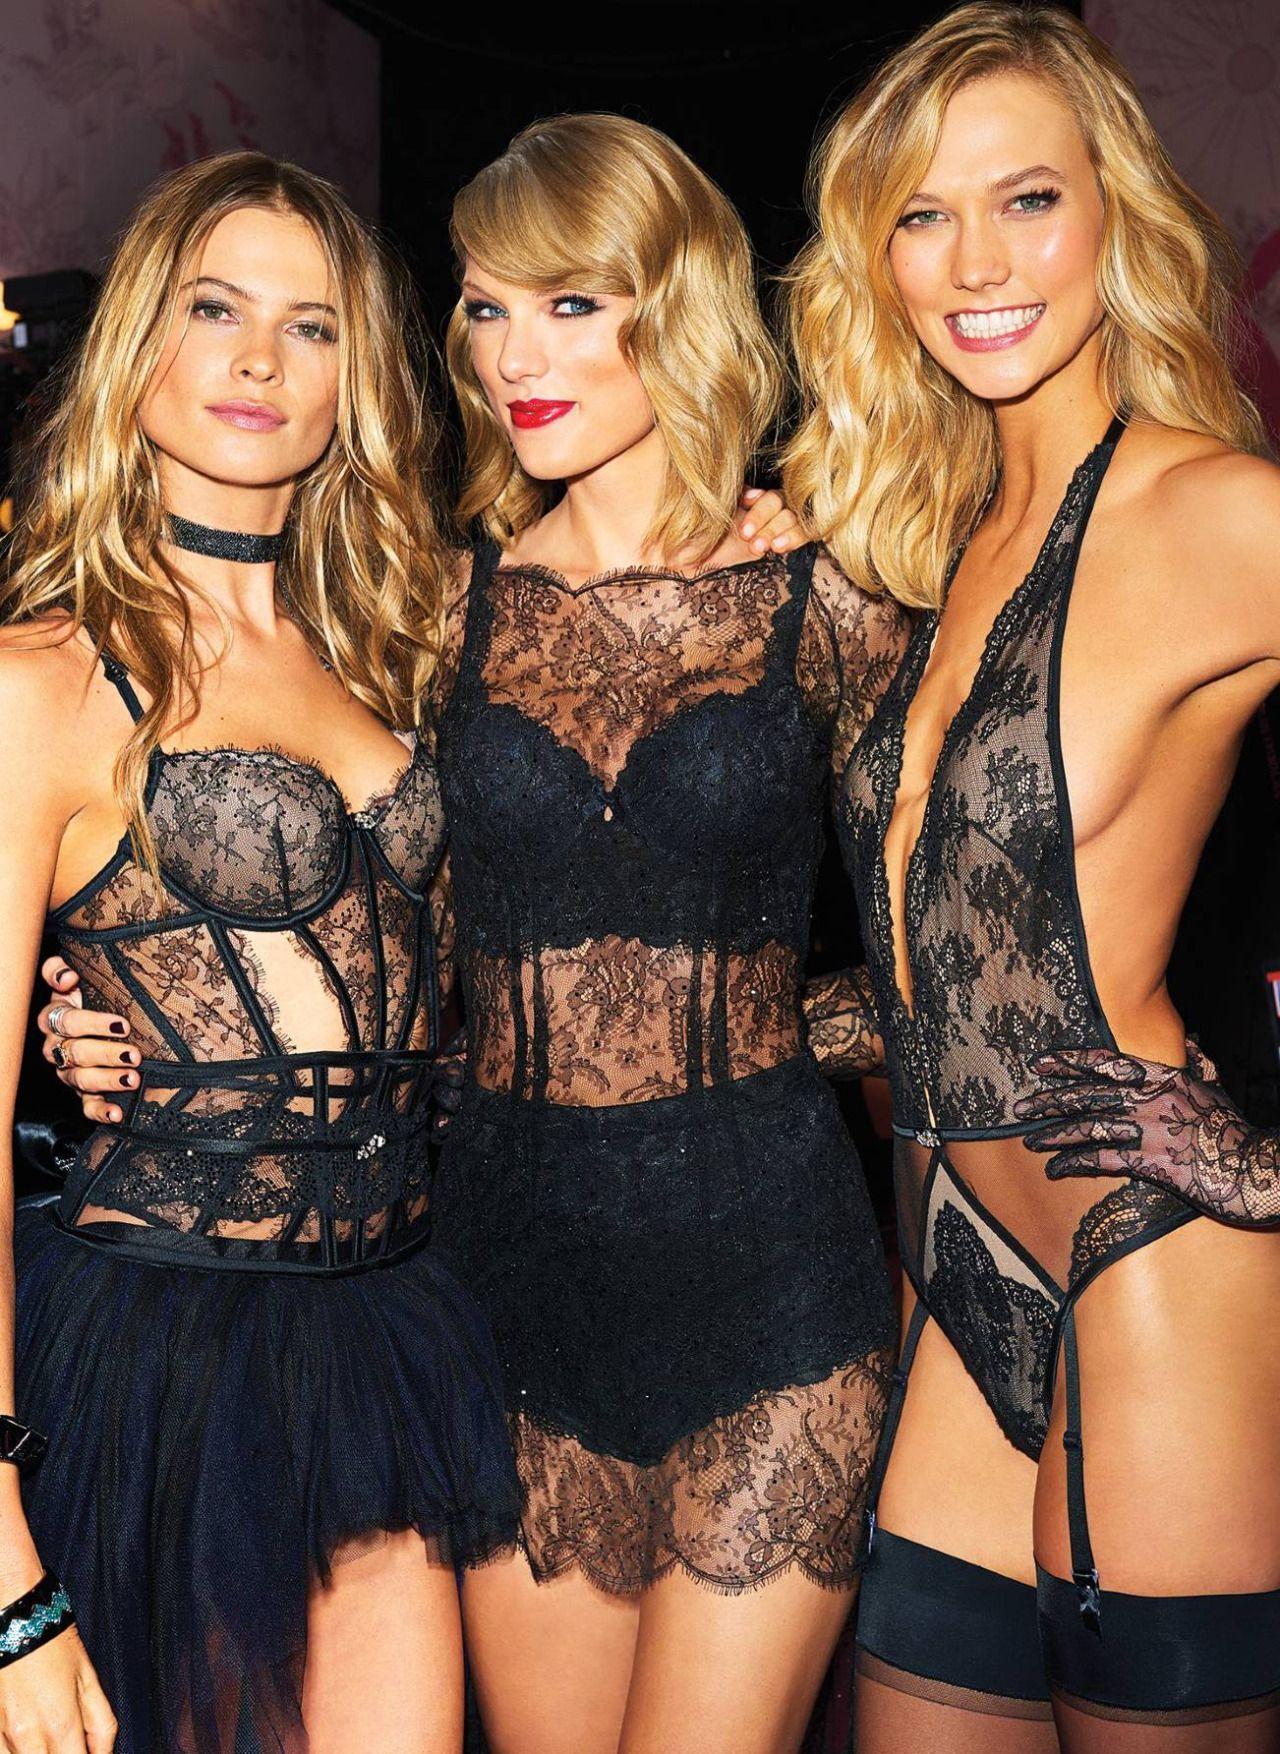 Bai Ling Bikini. 2018-2019 celebrityes photos leaks!,Kelly brook naked pussy Sex photo Dayane mello sexy,Nathalie Emmanuel Naked